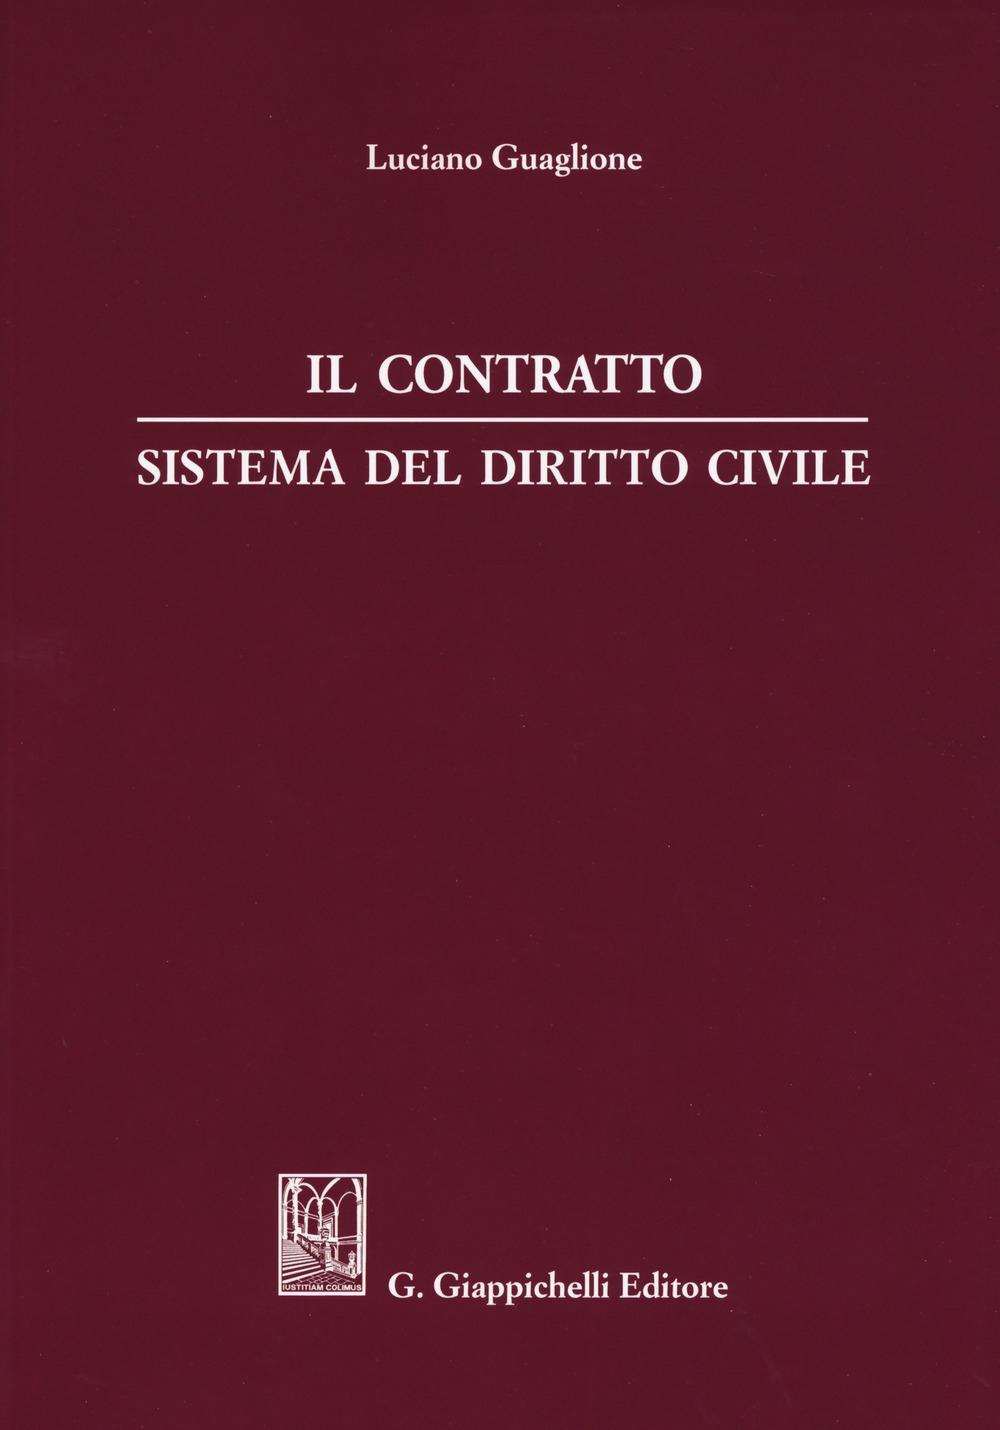 Il contratto. Sistema del diritto civile